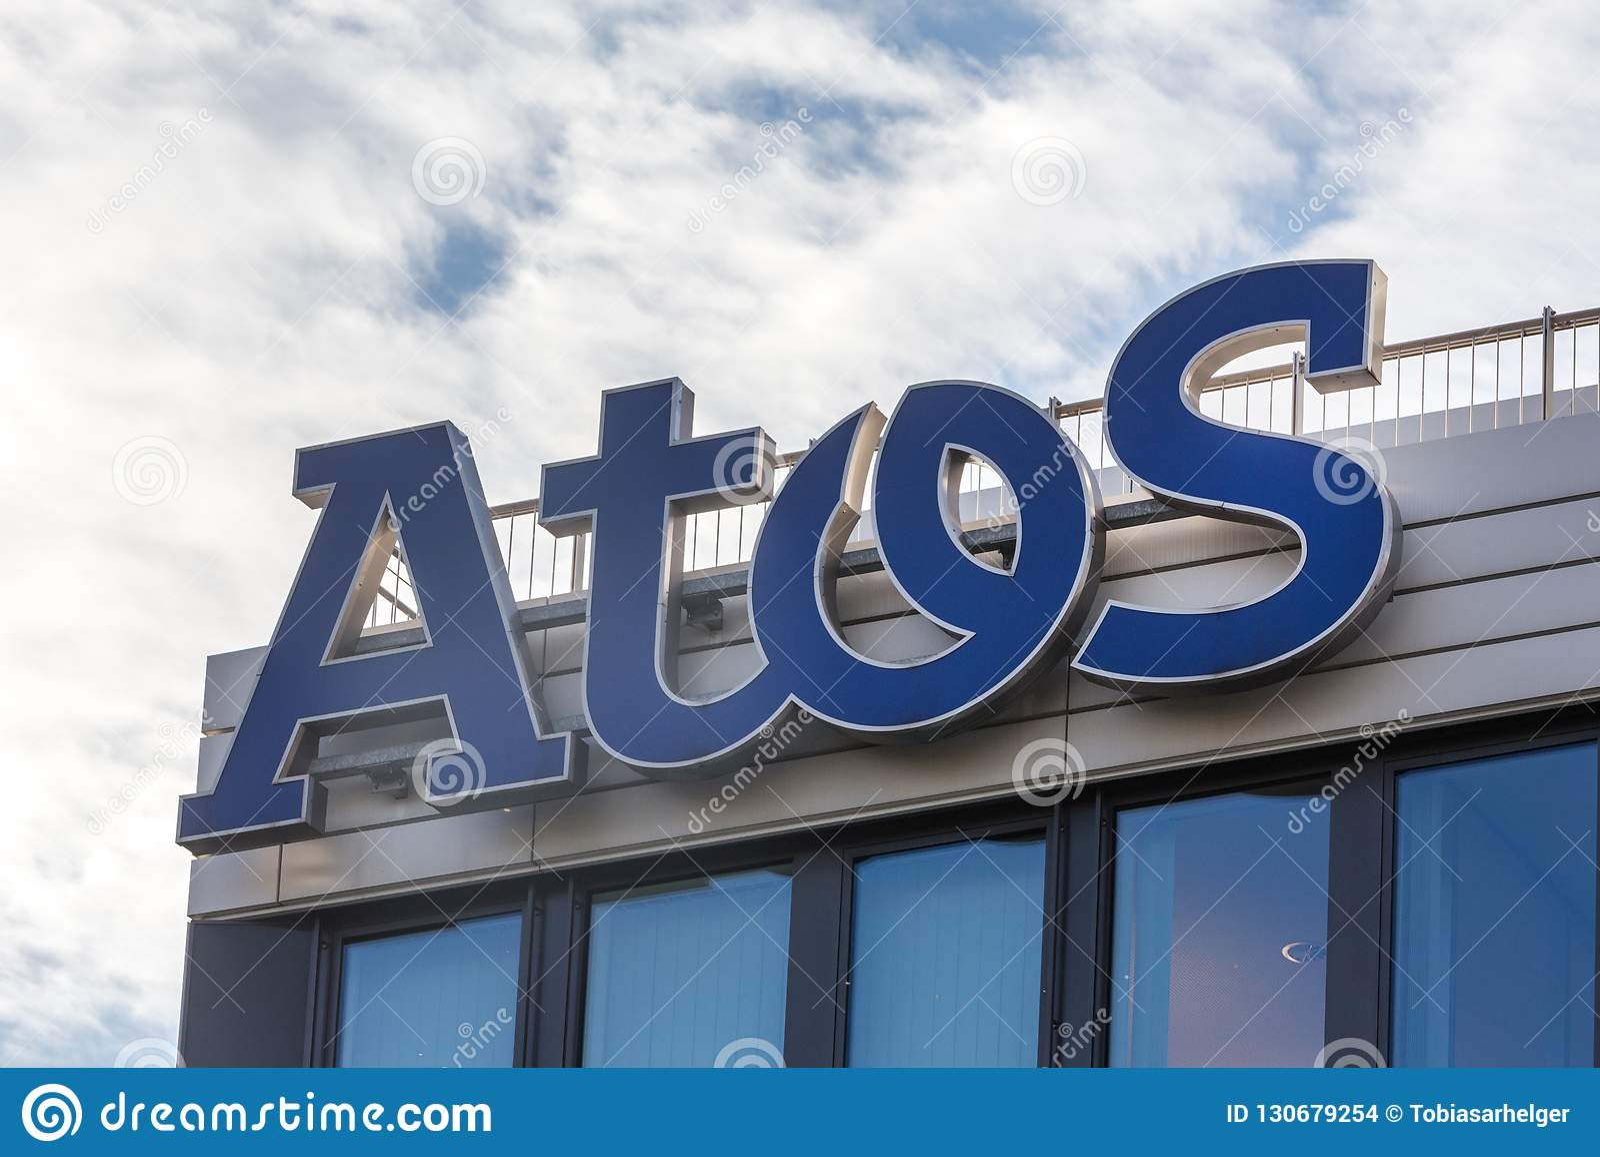 Эссен, северная Рейн-Вестфалия/Германия - 02 11 18: atos подписывают на здании в Эссене Германии